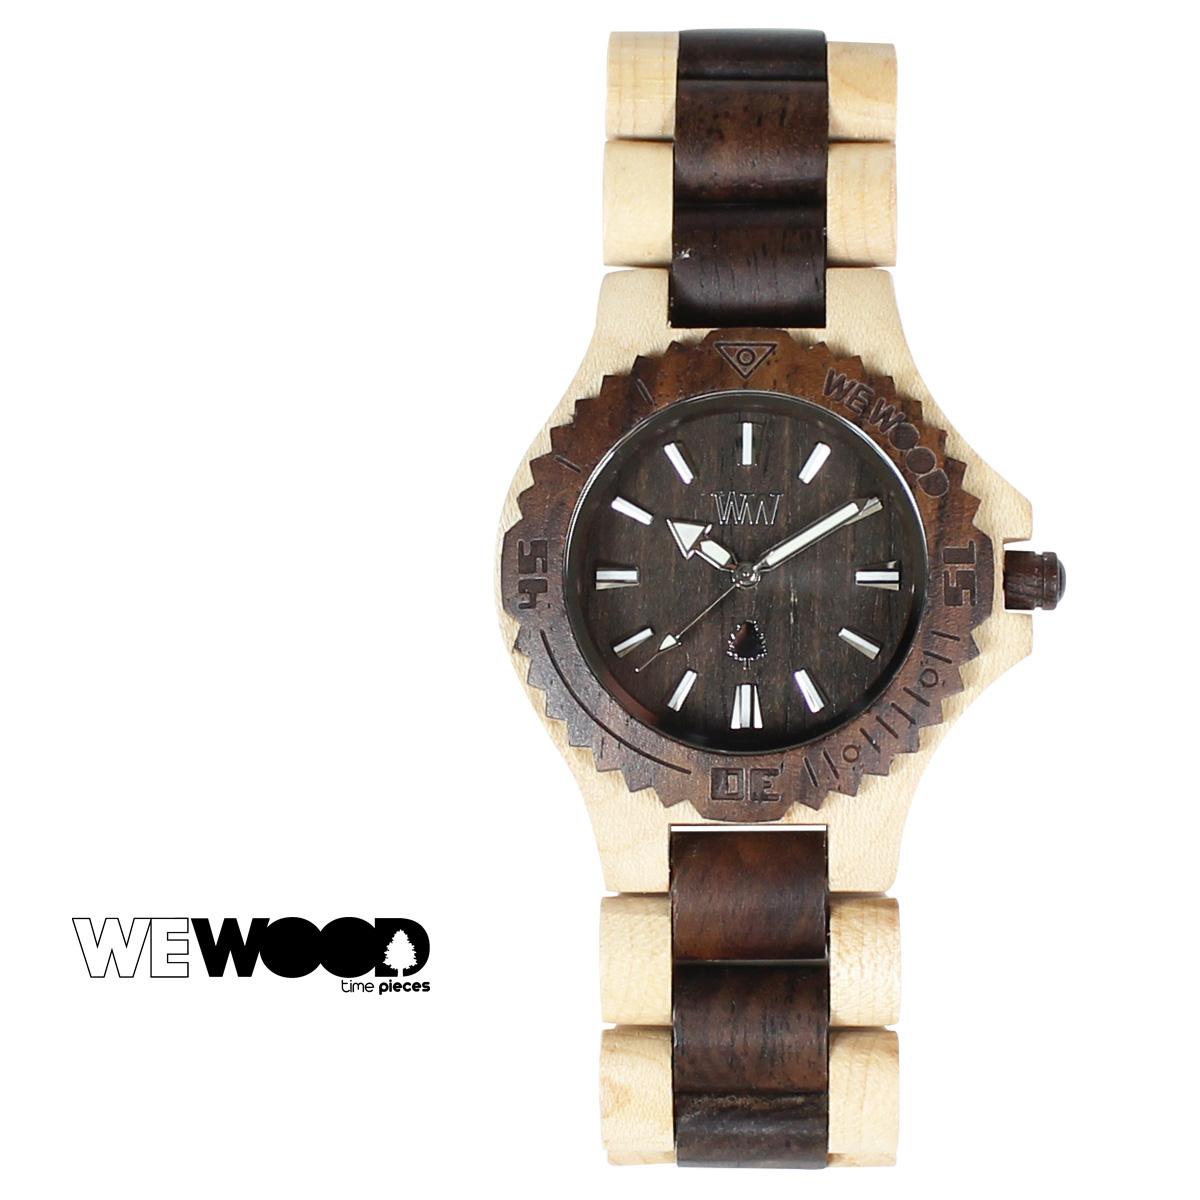 ウィーウッド 腕時計 レディース WEWOOD DATE ベージュ チョコレート BEIGE CHOCOLATE メンズ